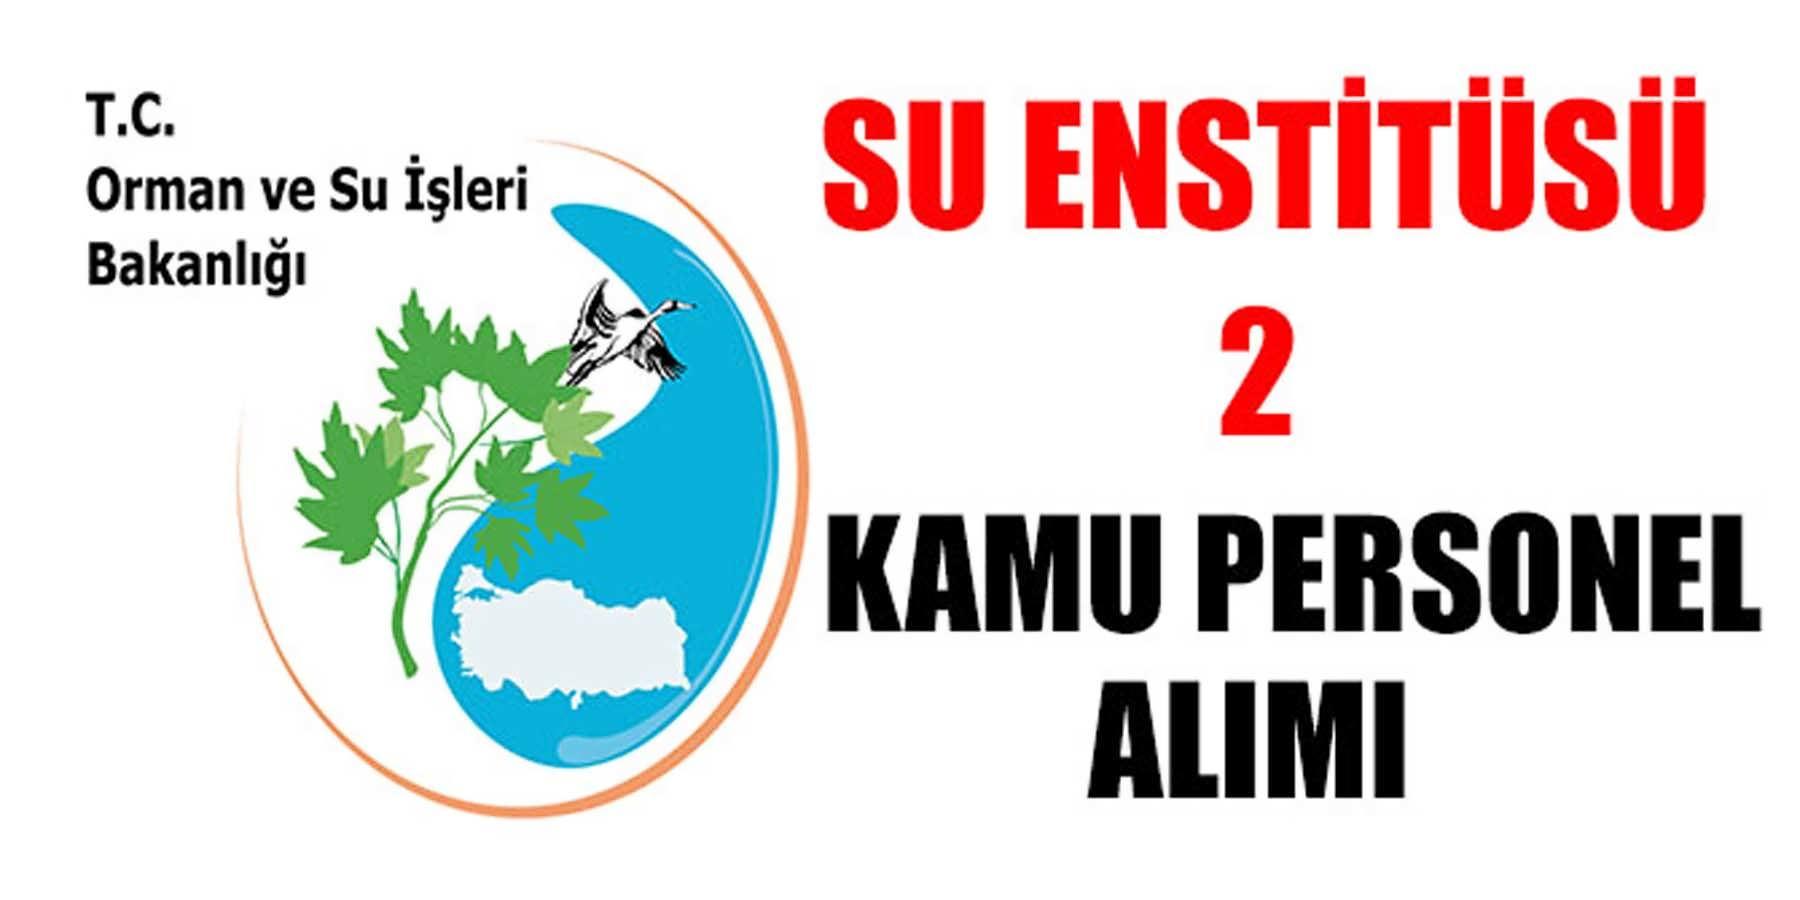 Orman ve Su İşleri Bakanlığı Su Enstitüsü 2 Kamu Personeli Alımı